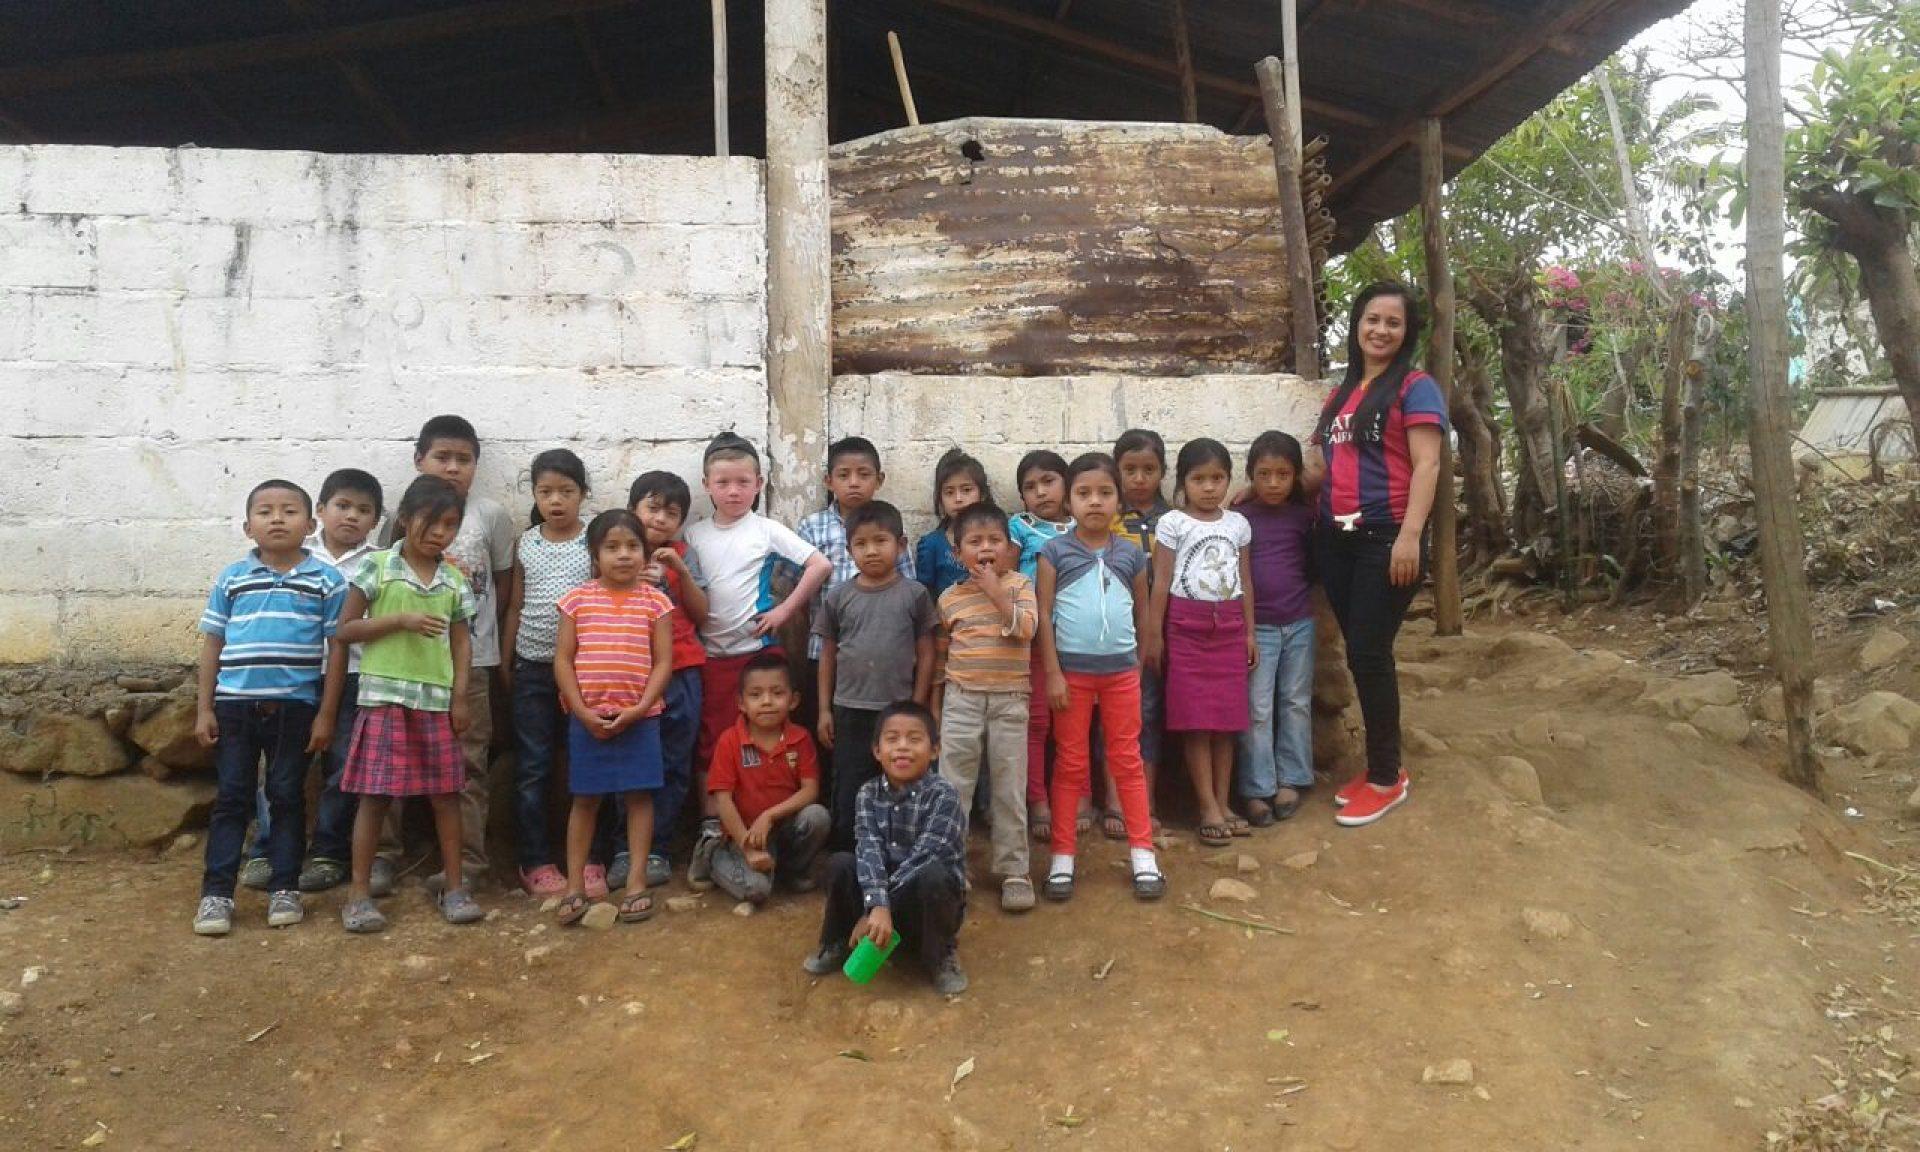 Een klasje kinderen poseert in Guatemala.